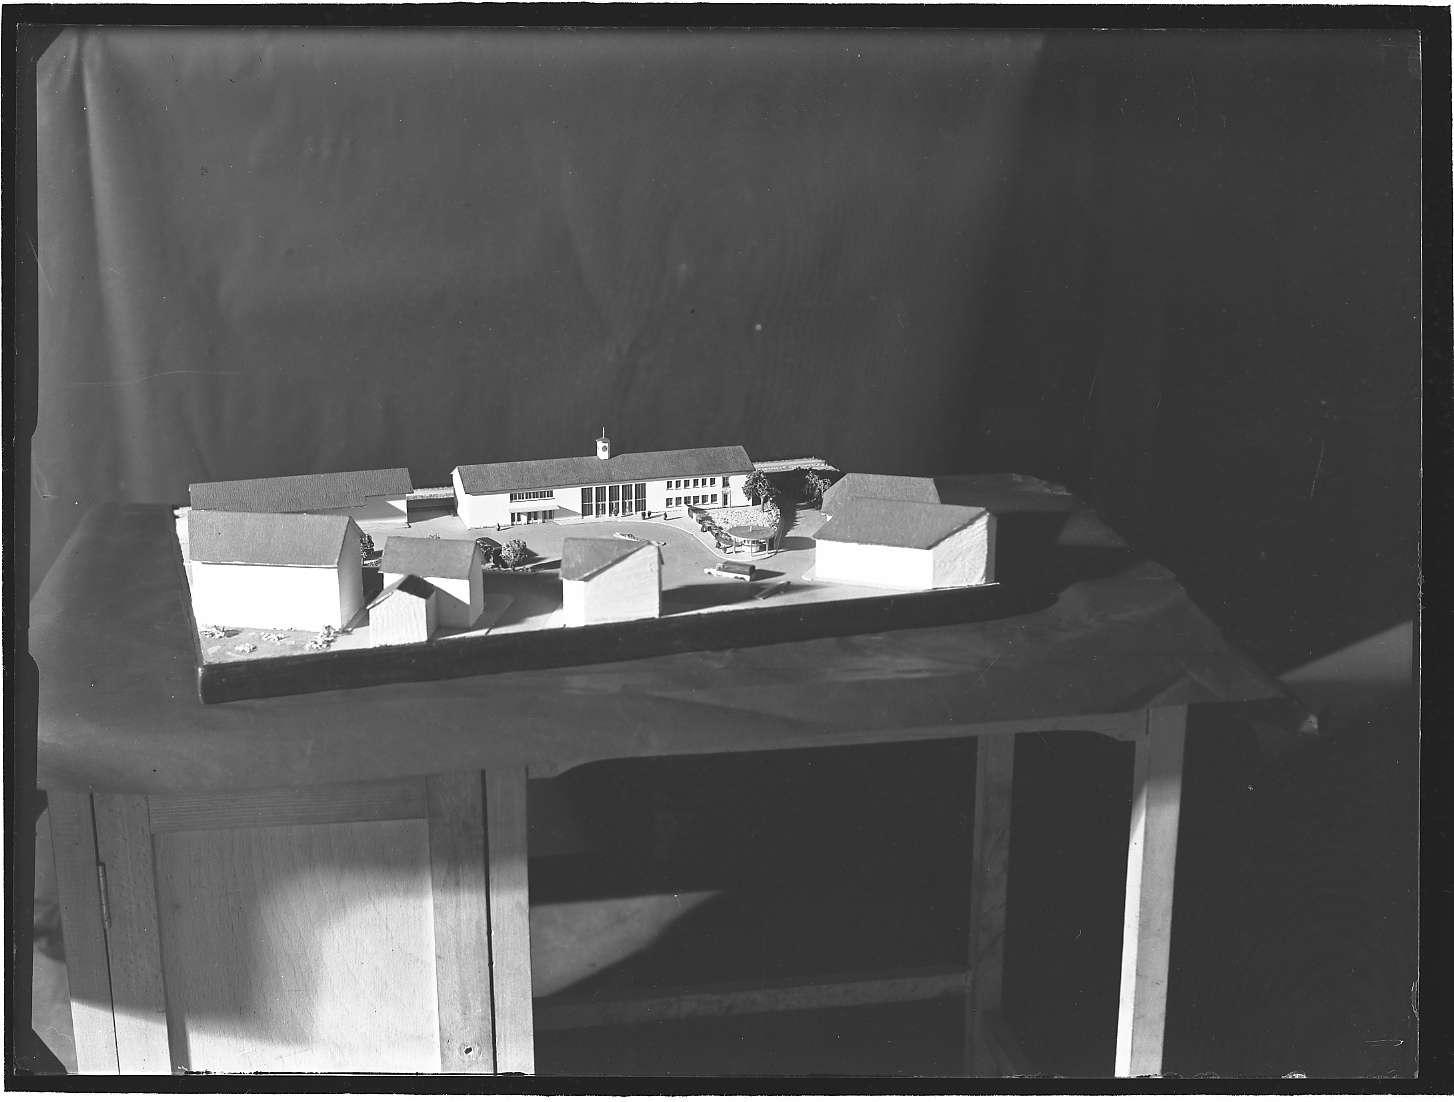 Lauffen am Neckar, Bf, Architekturmodell des Bahnhofsgebäudes, Bild 1